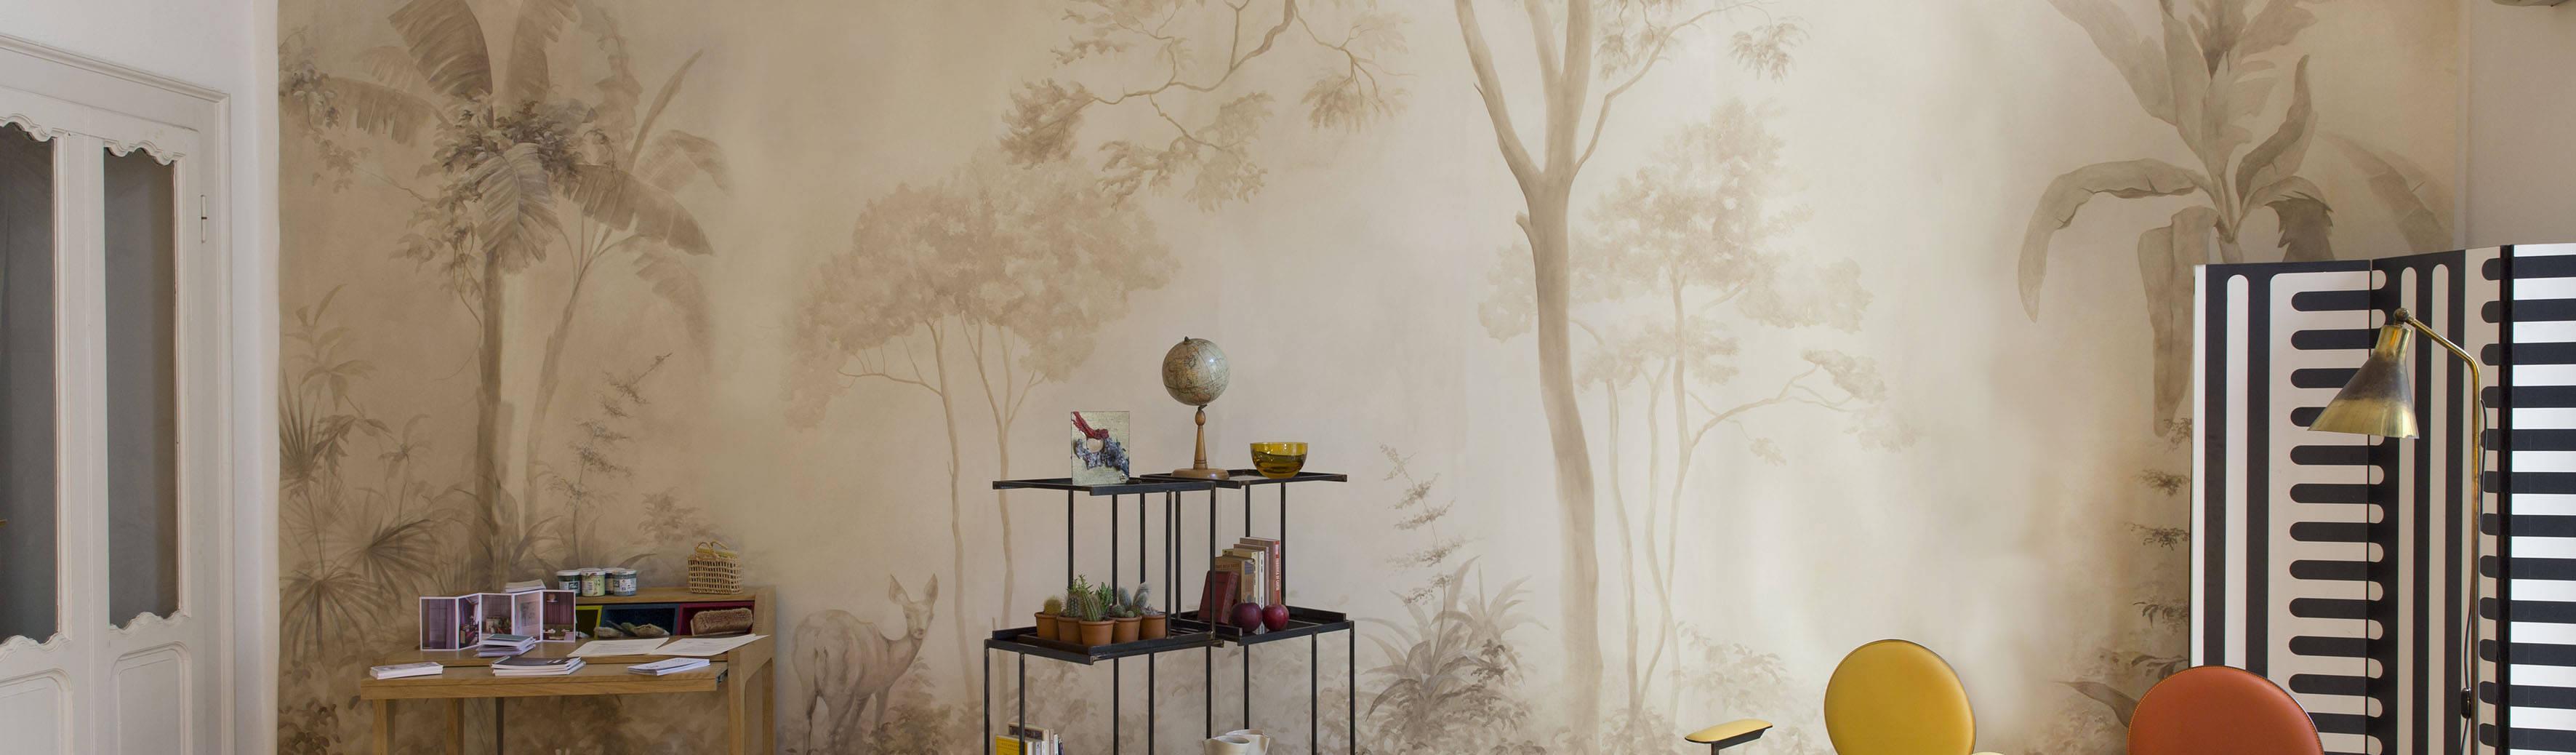 Picta wallpaper decoratori d 39 interni a milano homify - Decoratori d interni ...